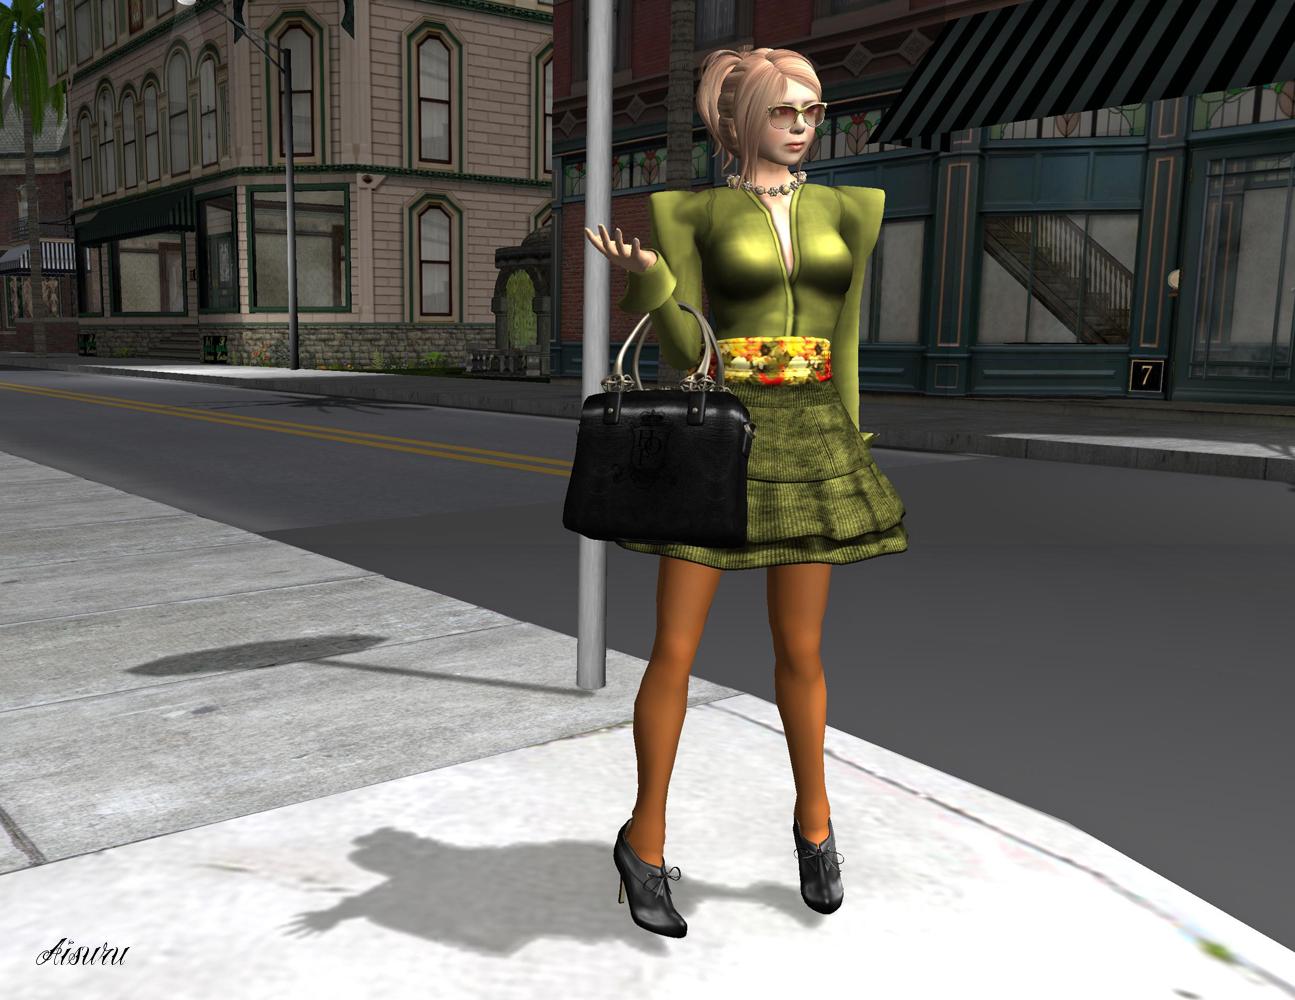 skirt: Lelutka, Medellin skirt